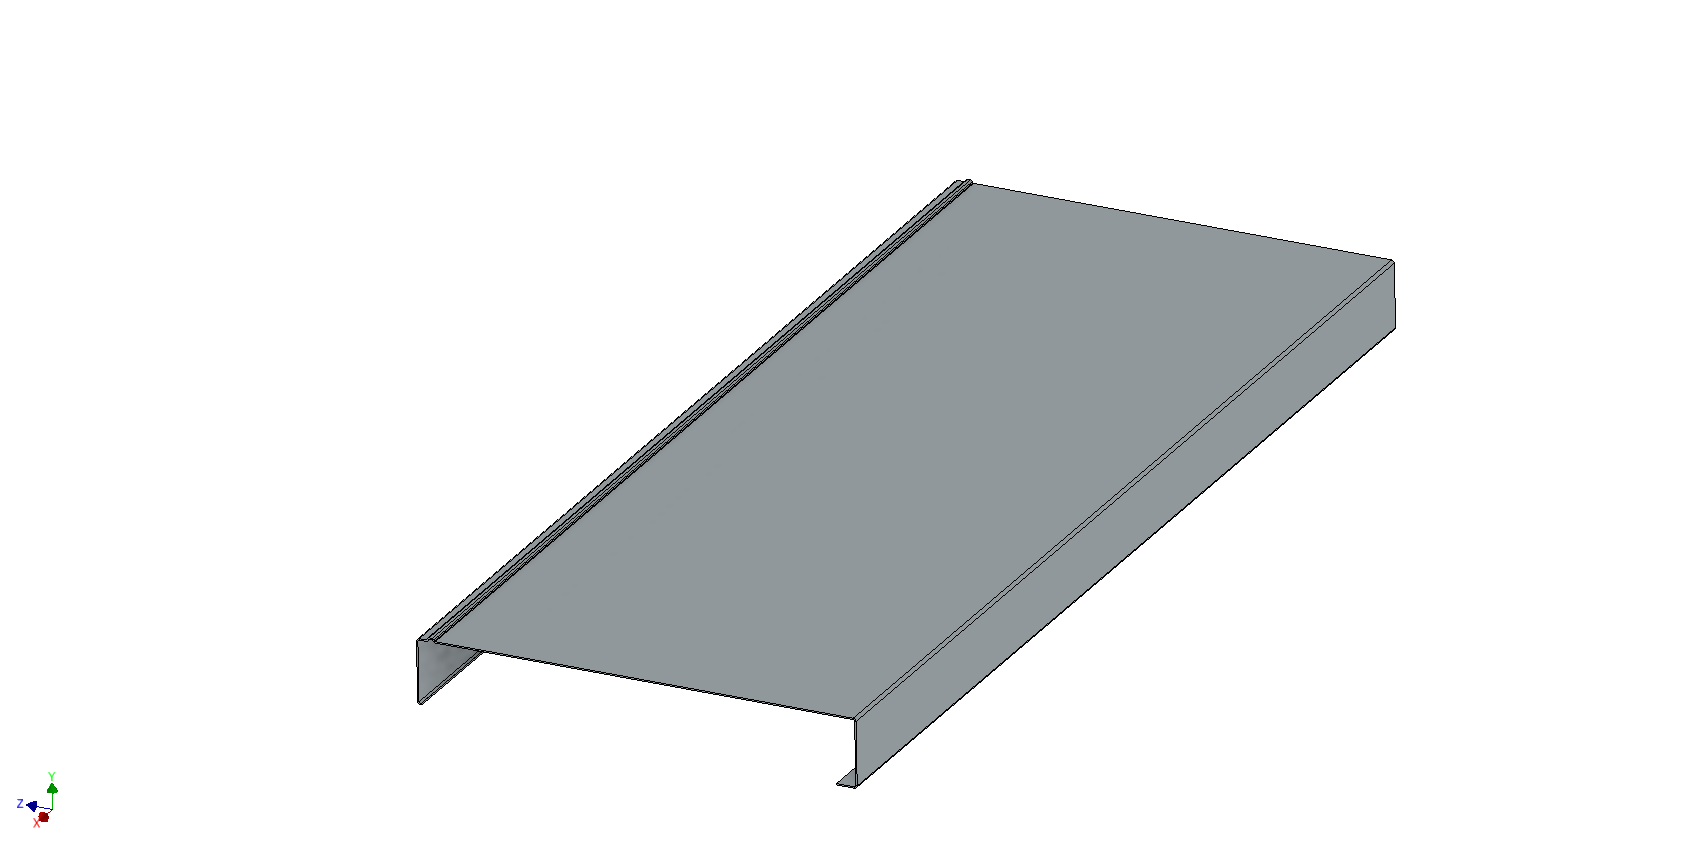 Tapamuros 3D(1)